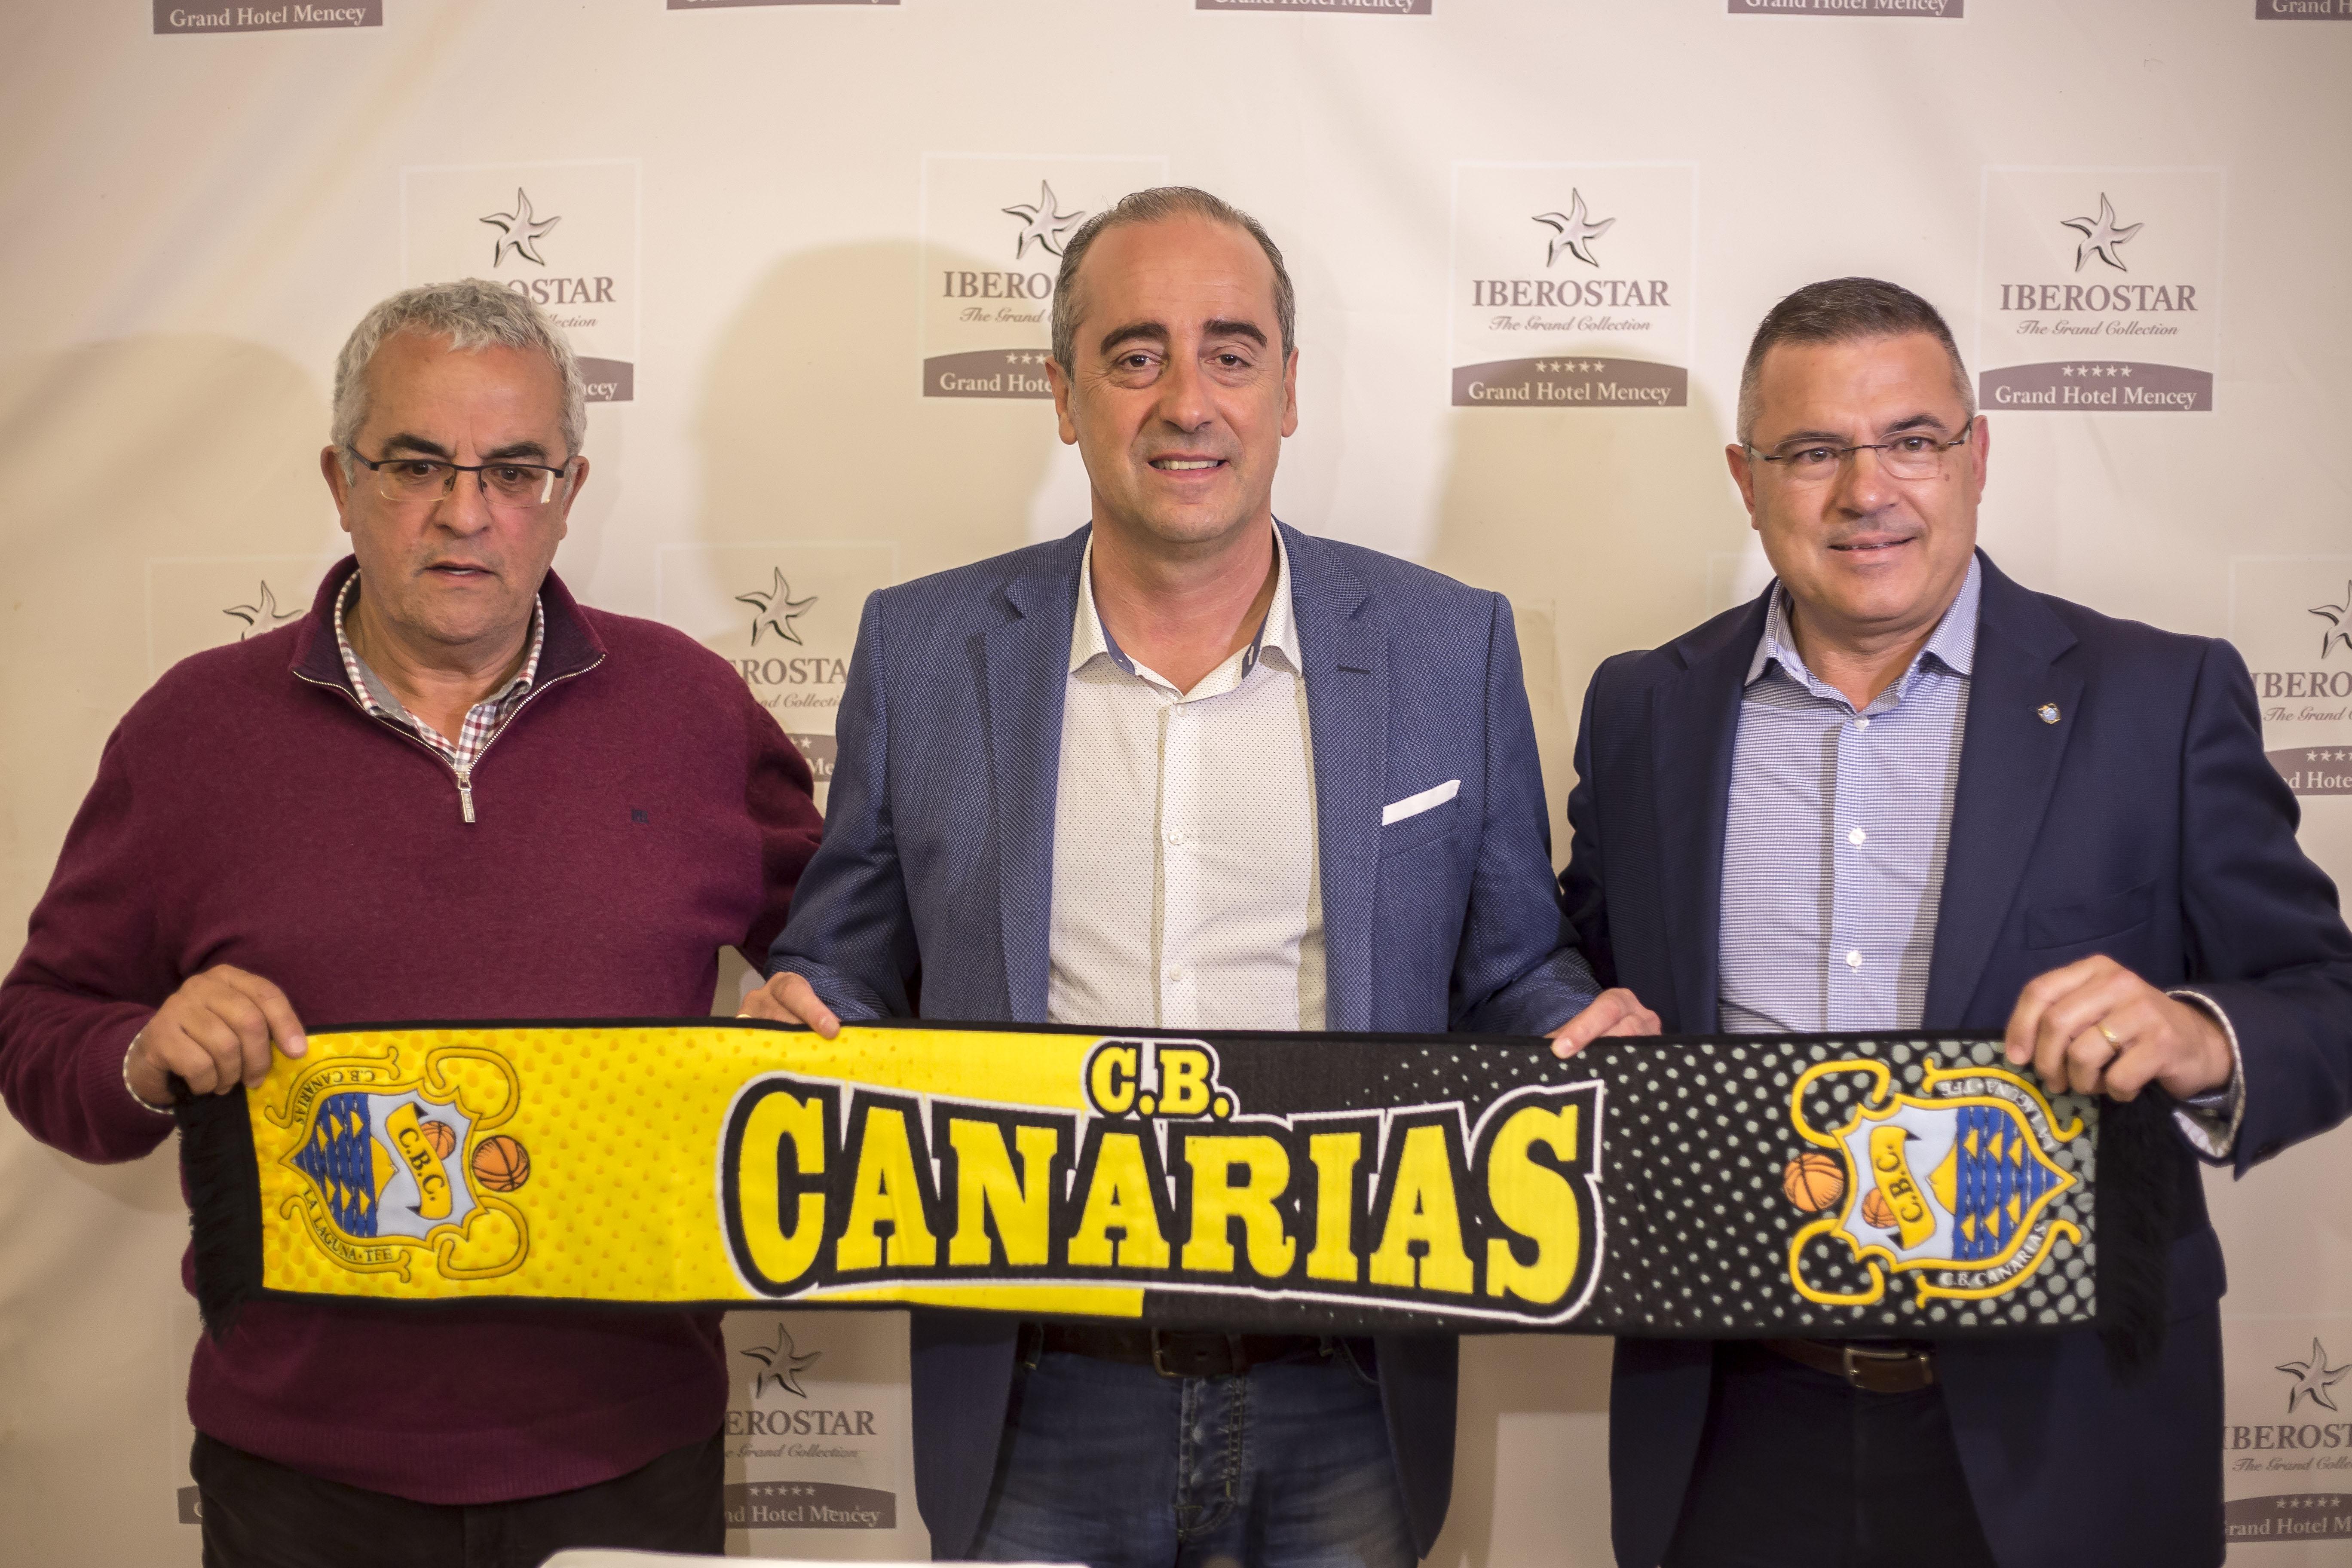 Fotos: Cedidas/CB Canarias